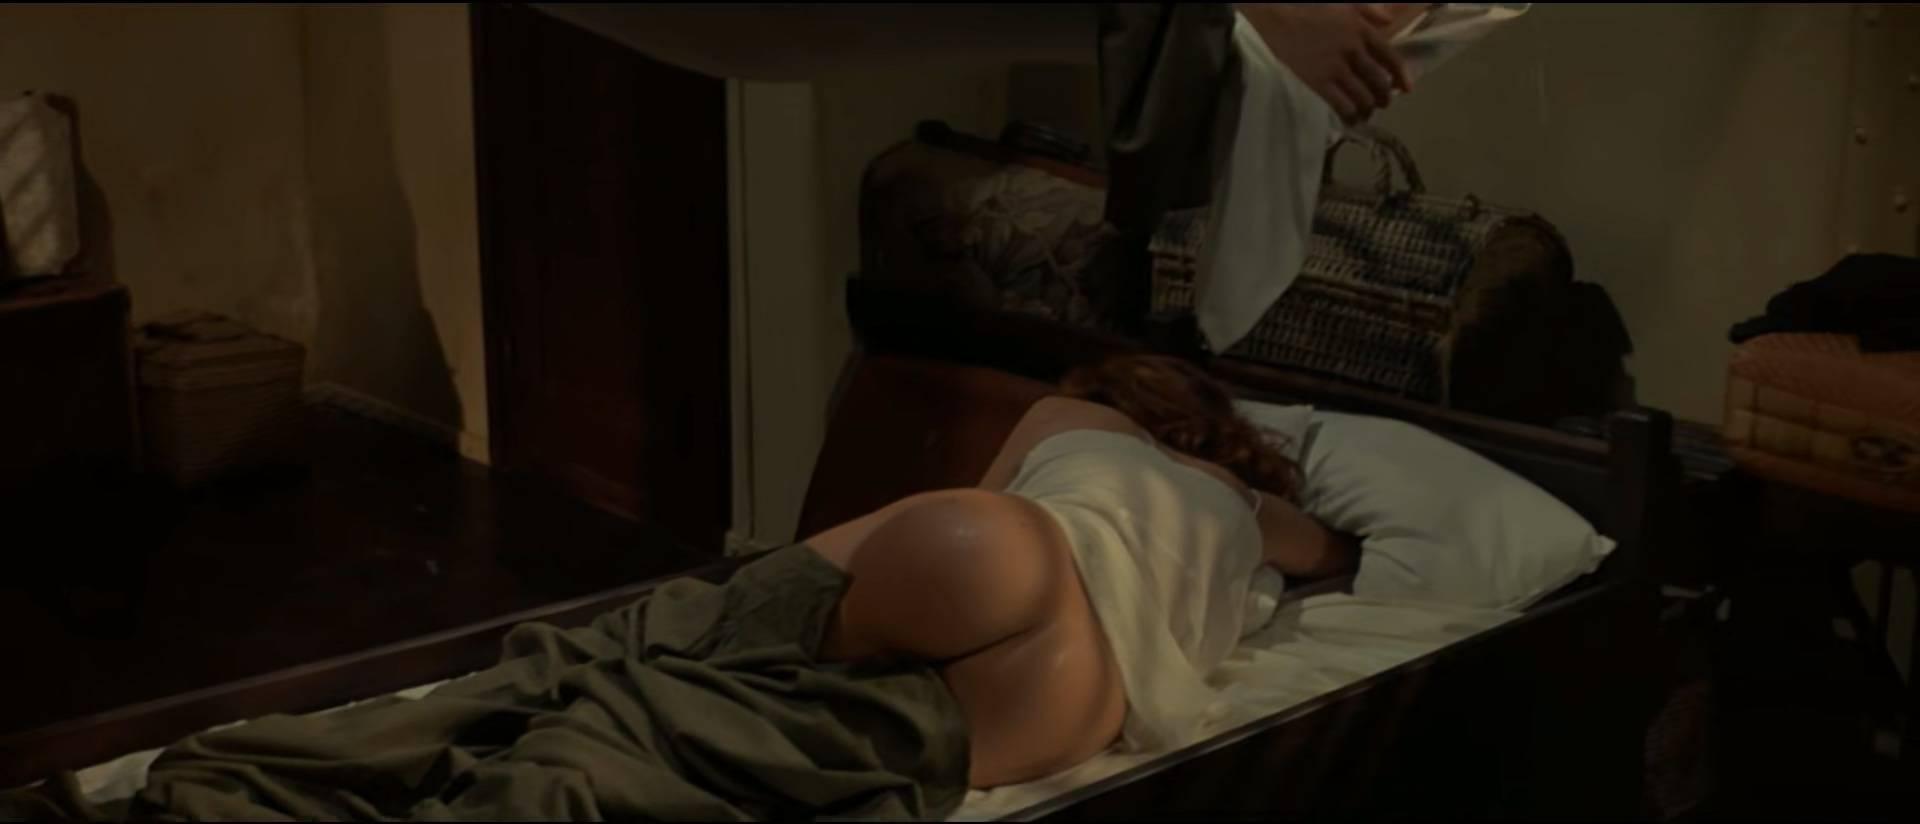 эротический фильм эммануэль